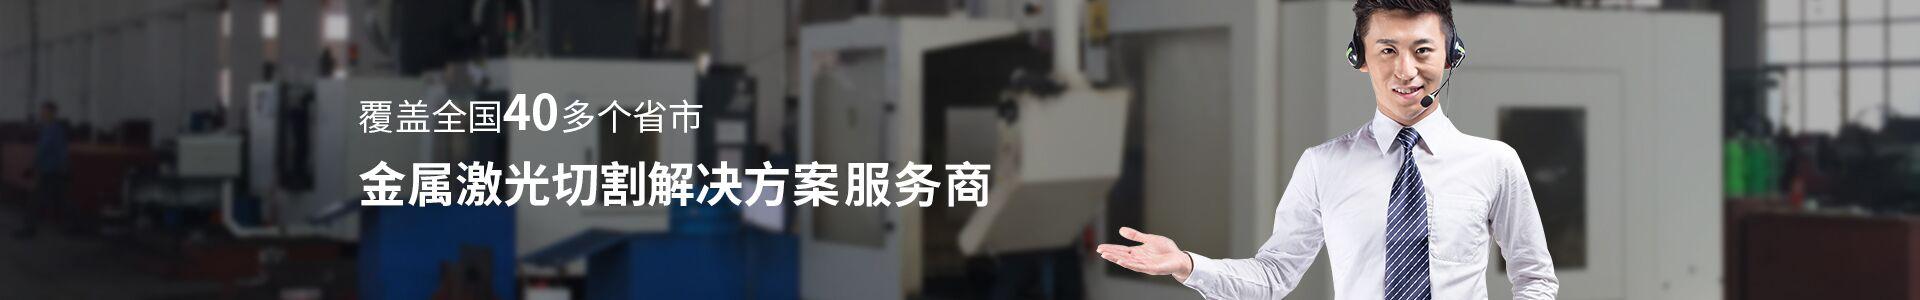 覆gai全国40多个省市 金属激光qie割解决方案zhuan家